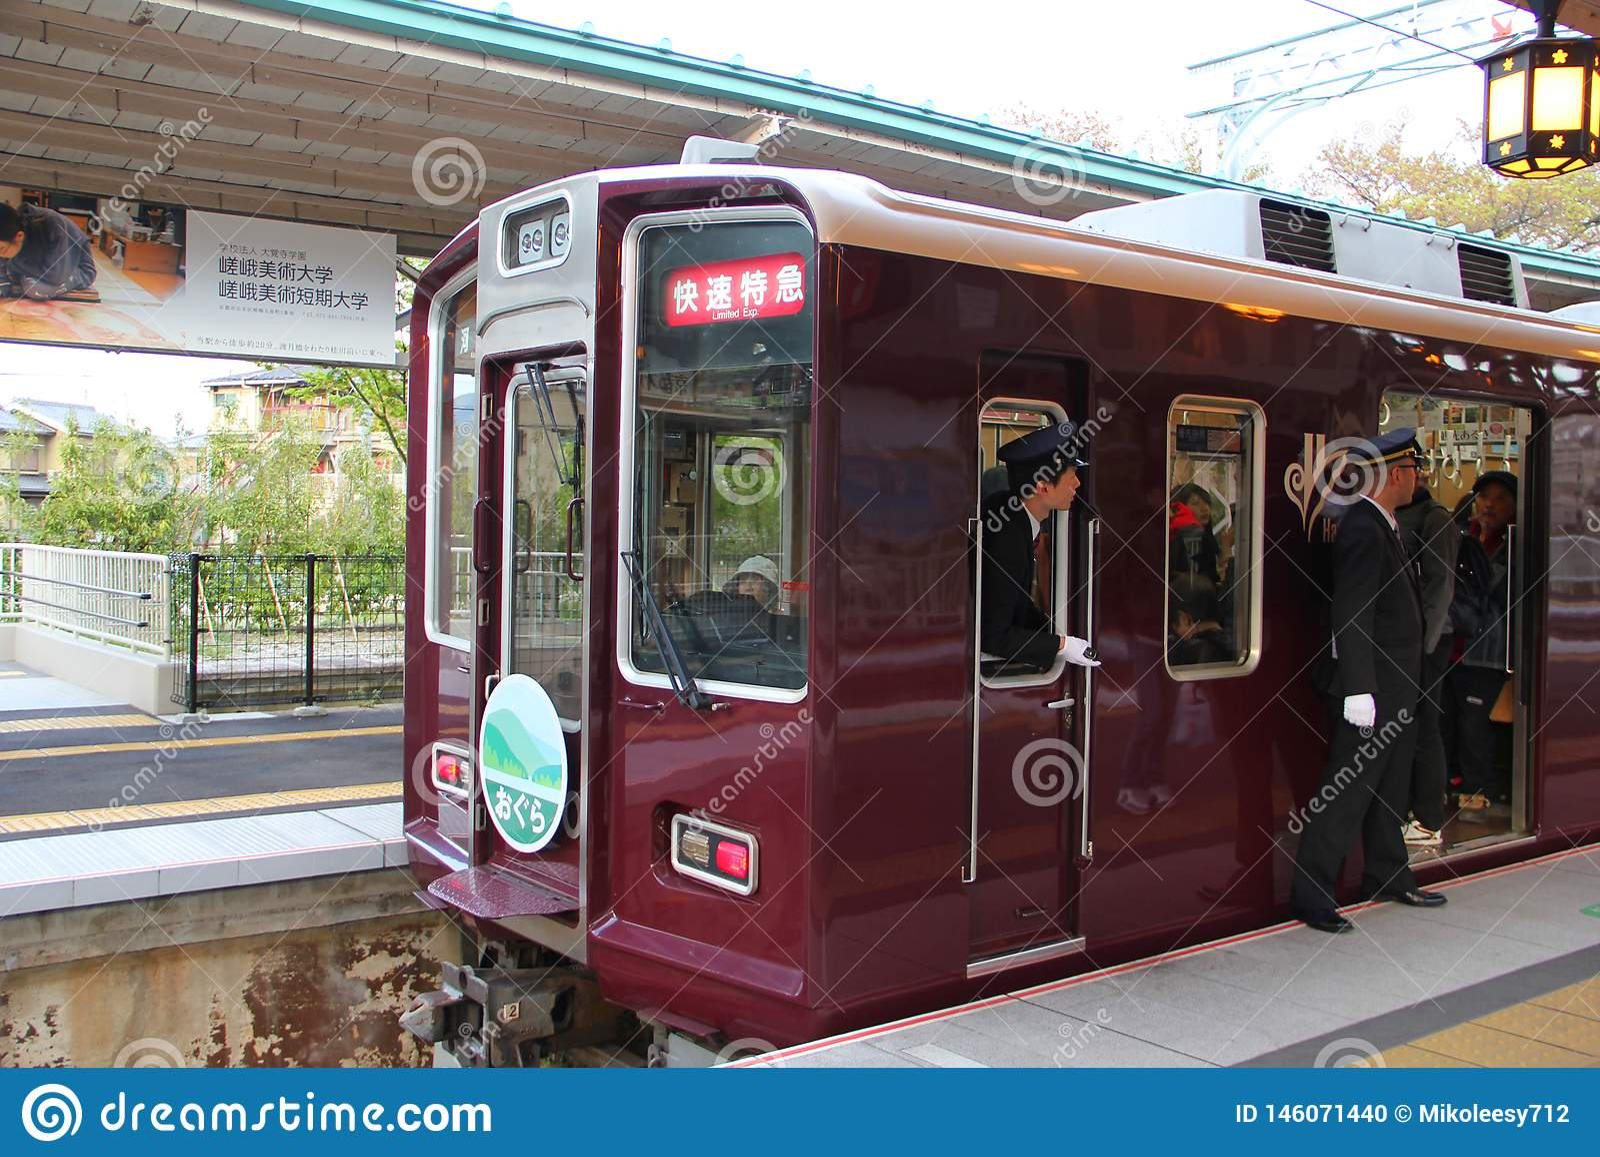 Kyoto Train to Kawaramachi